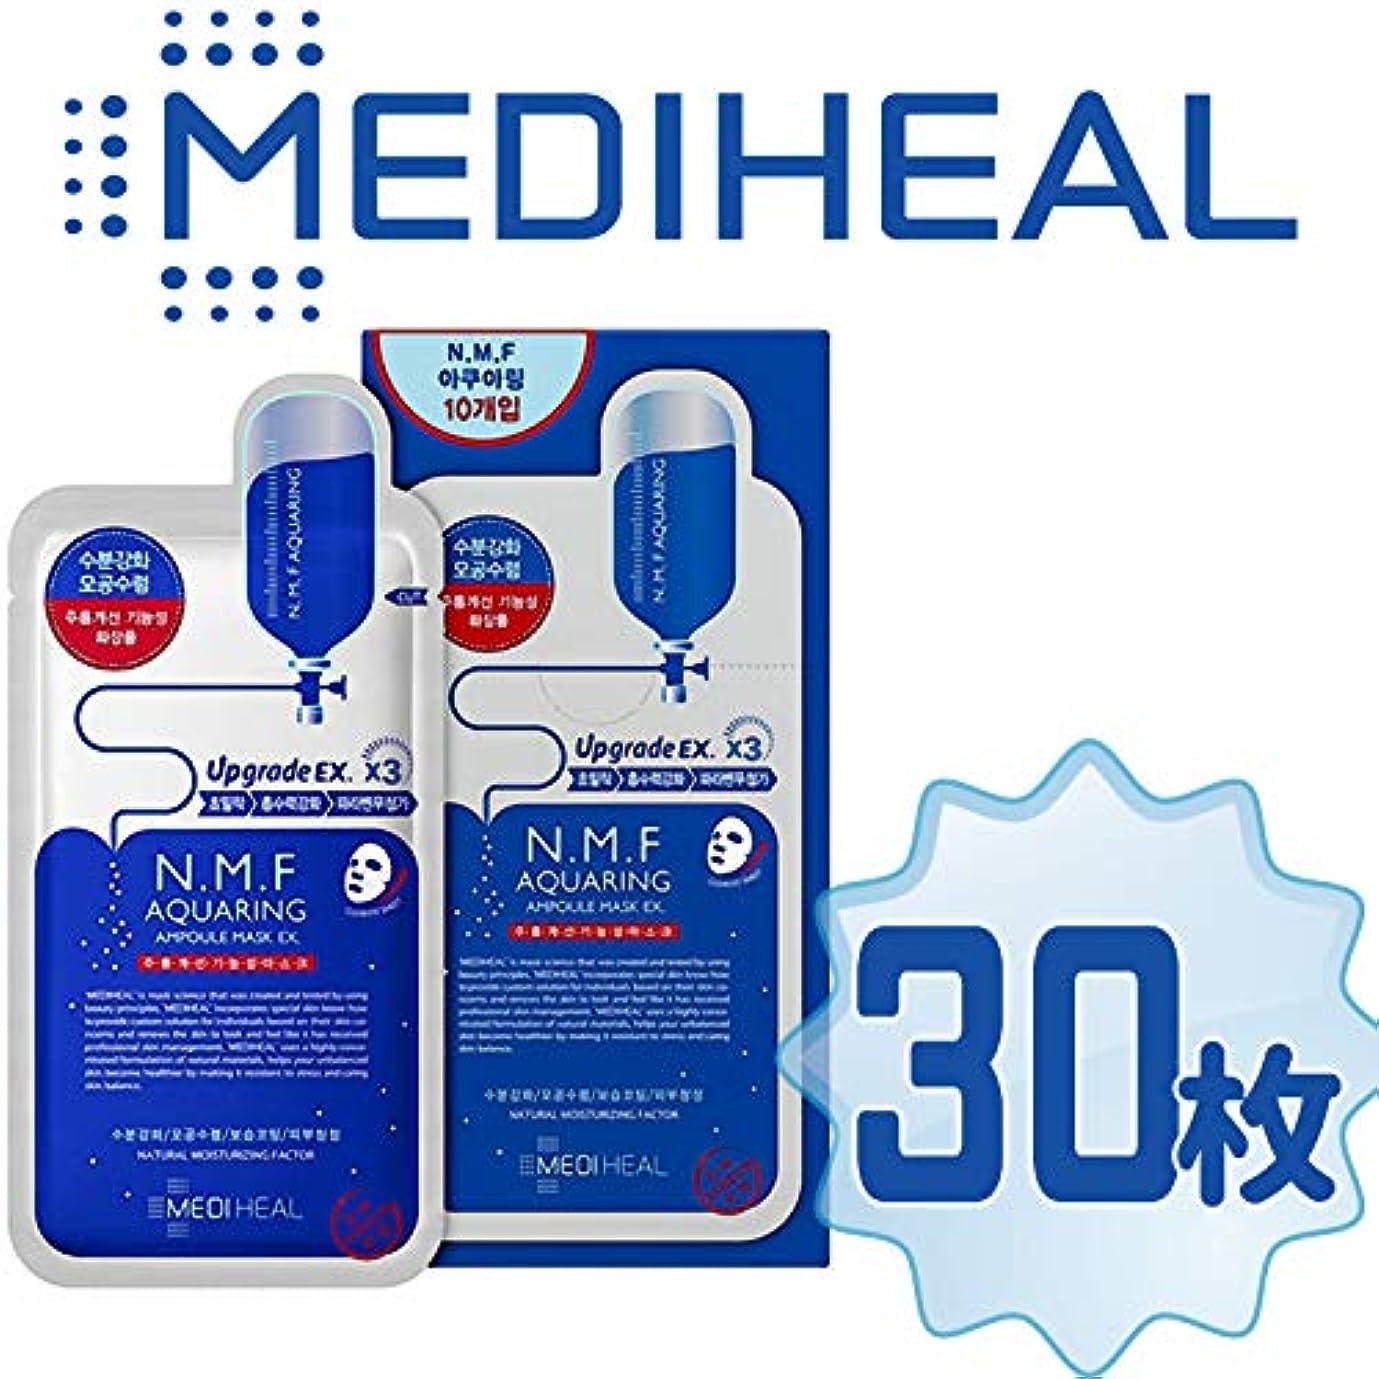 ウイルスしゃがむであること【正規輸入品】Mediheal メディヒール N.M.F アクアリング アンプル?マスクパックEX 10枚入り×3(Aquaring Ampoule Essential Mask PackEX 1box(10sheet)×3